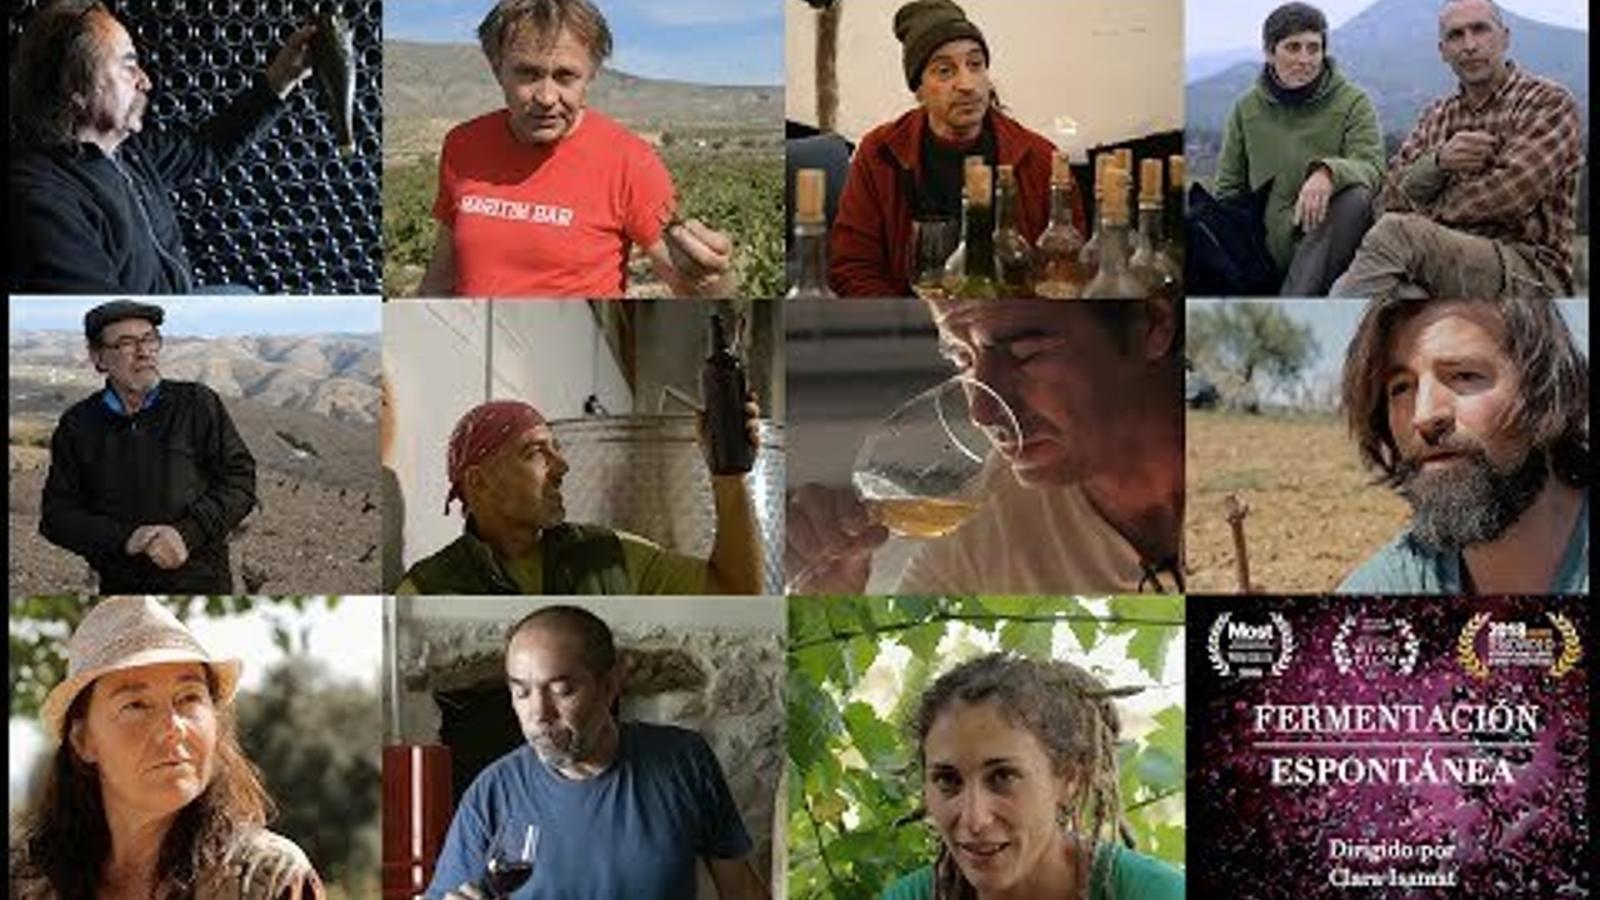 El documental 'Fermentación Espontánea'